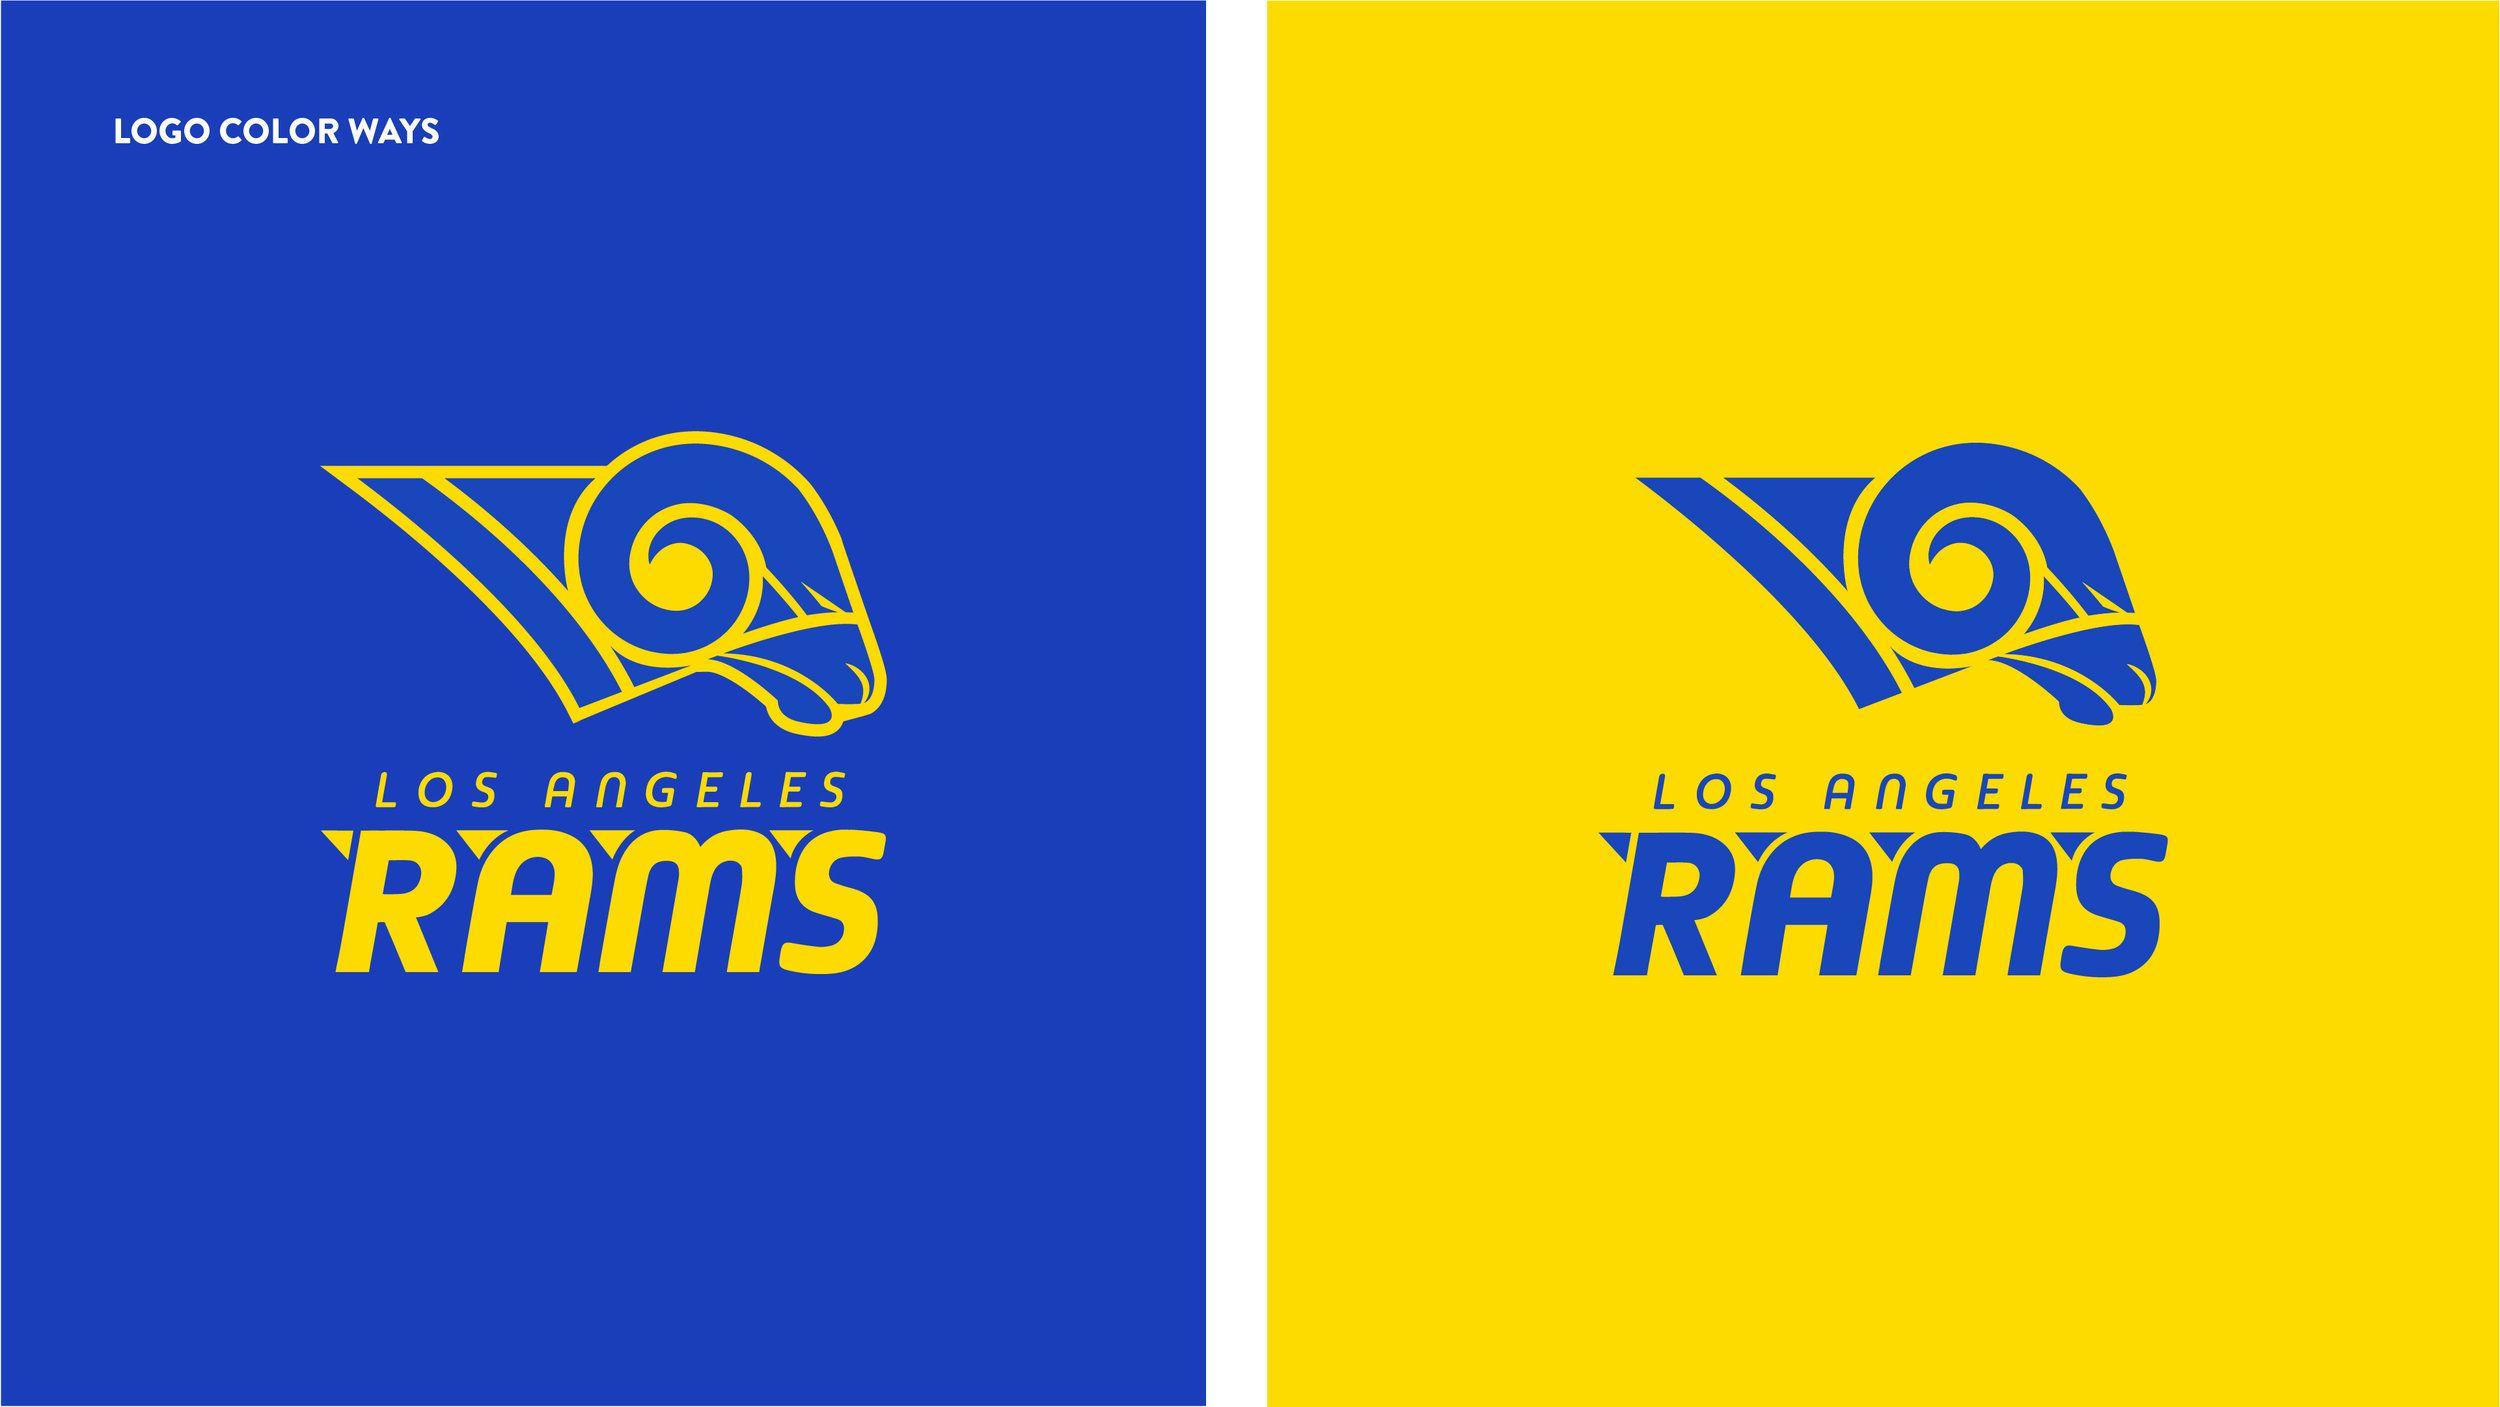 Artboard 3 copy.jpg Logo color, Design, La rams